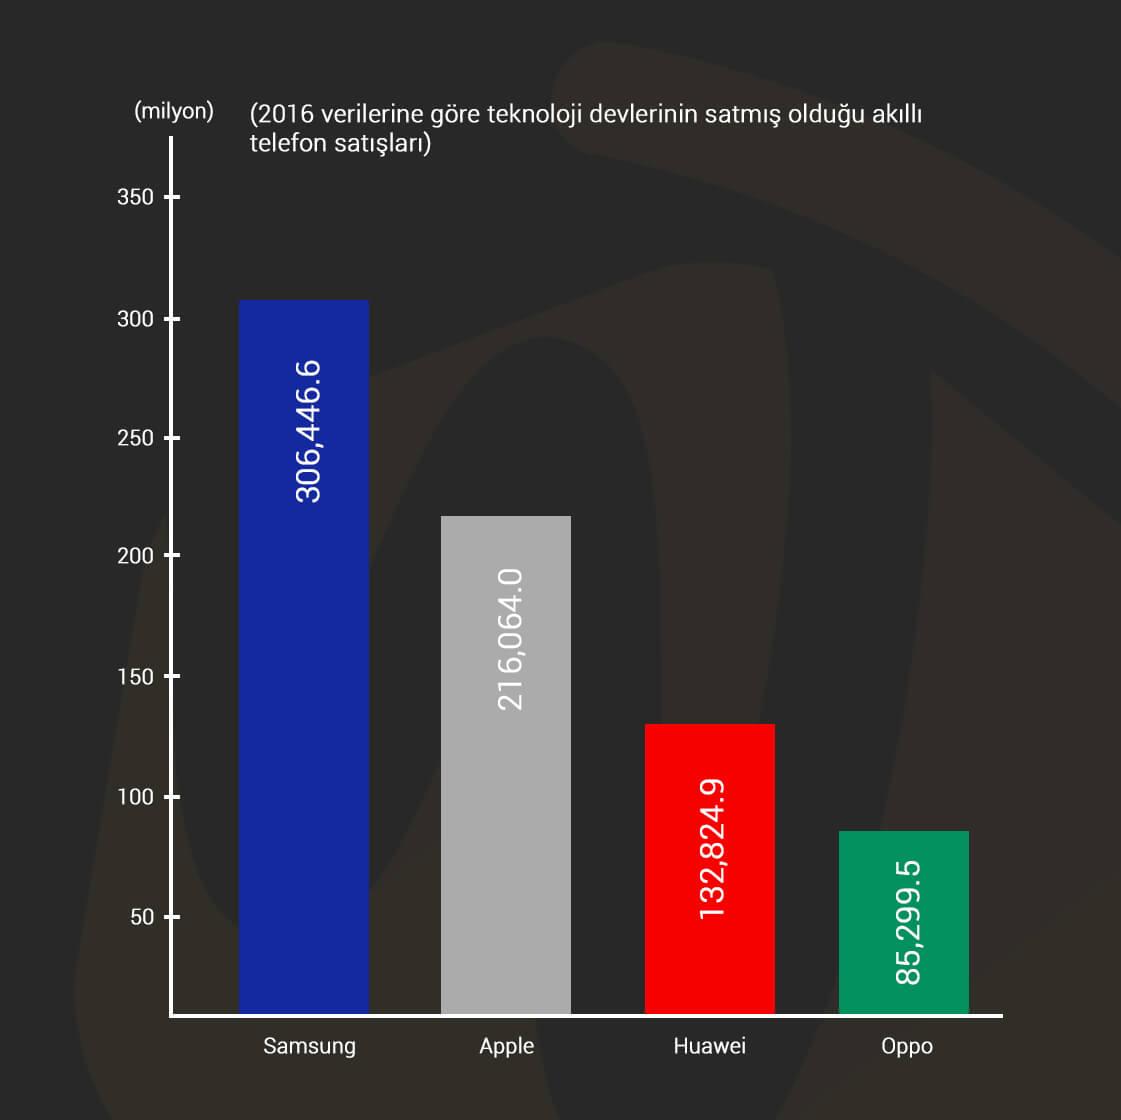 2016 markaların satılan telefon sayısı verisi Webtakibi